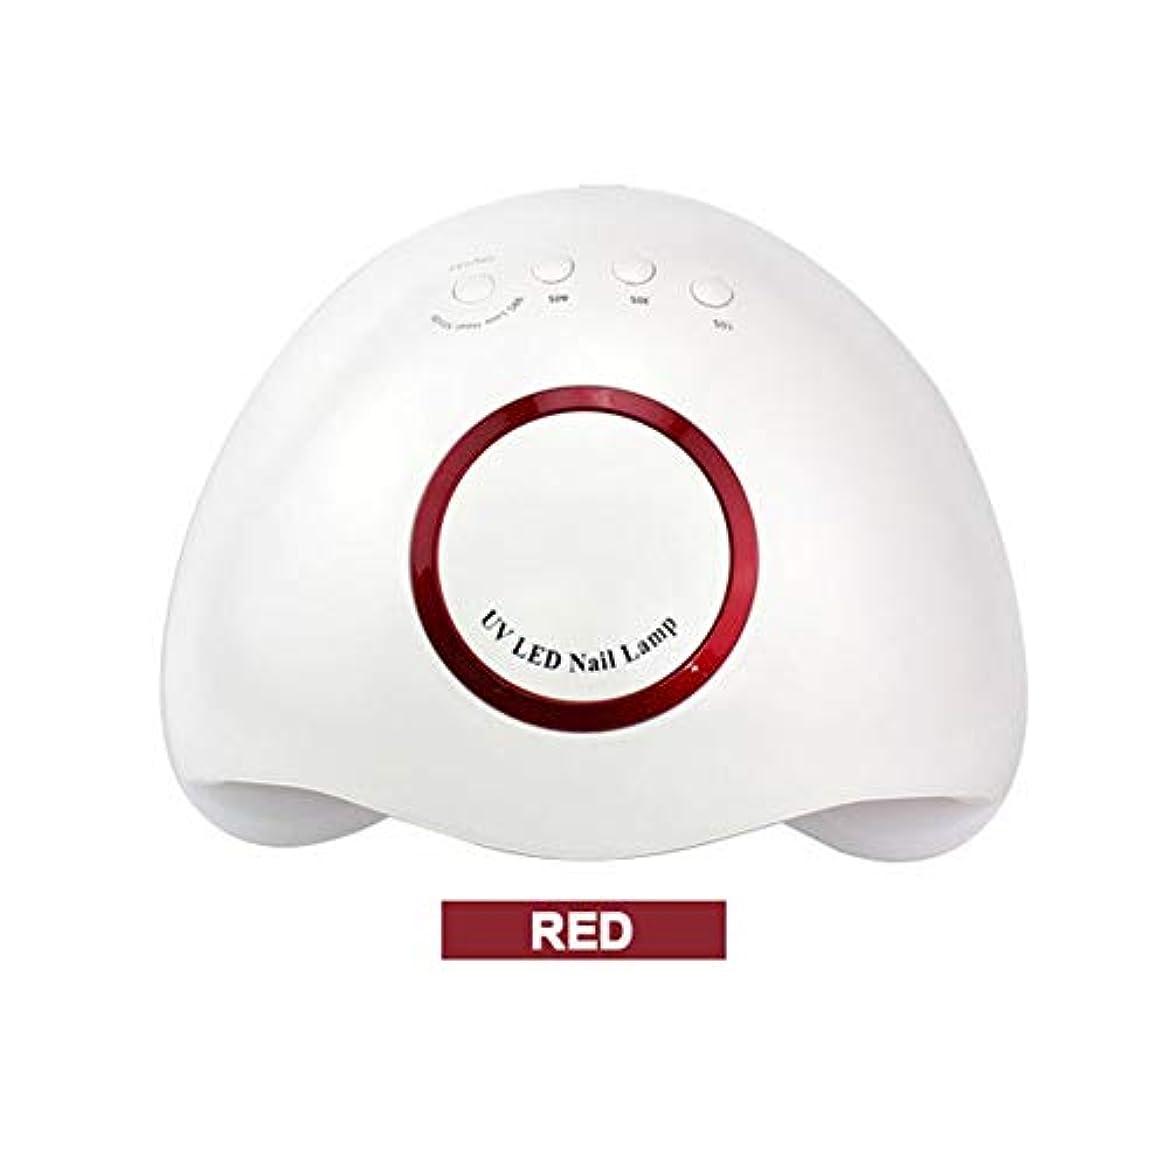 サイクロプス漫画歌う48W24ランプビーズ第3ギアタイミング無痛モードジェルネイルライトポリッシュ硬化乾燥機,Red